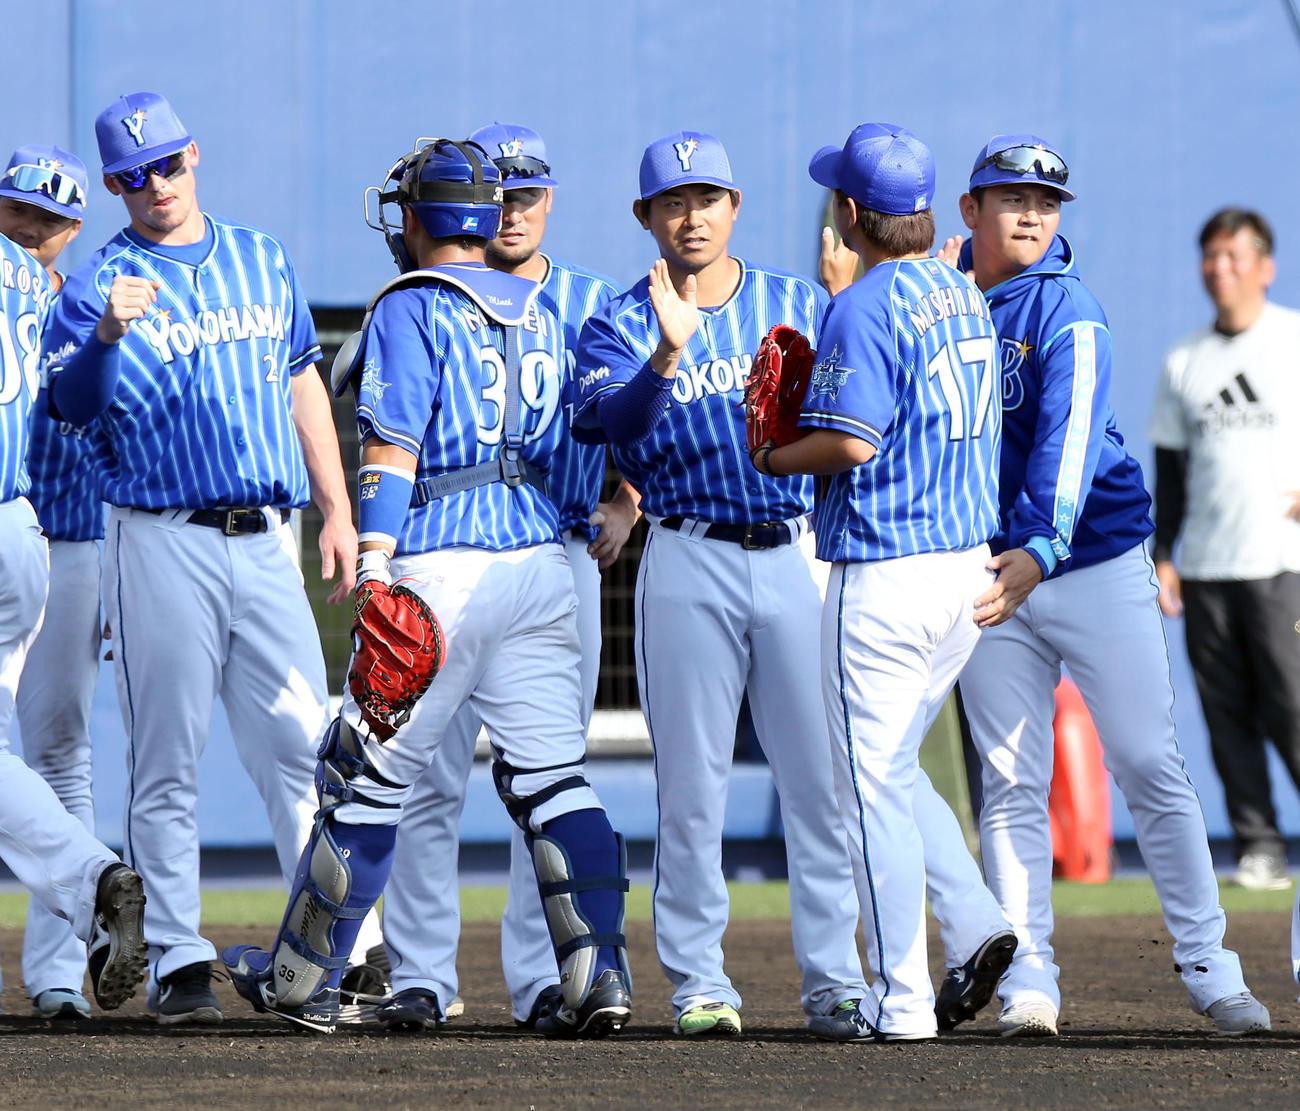 日本ハム対DeNA 試合終了後、DeNAナインを出迎える左からオースティン、今永、山崎(撮影・佐藤翔太)